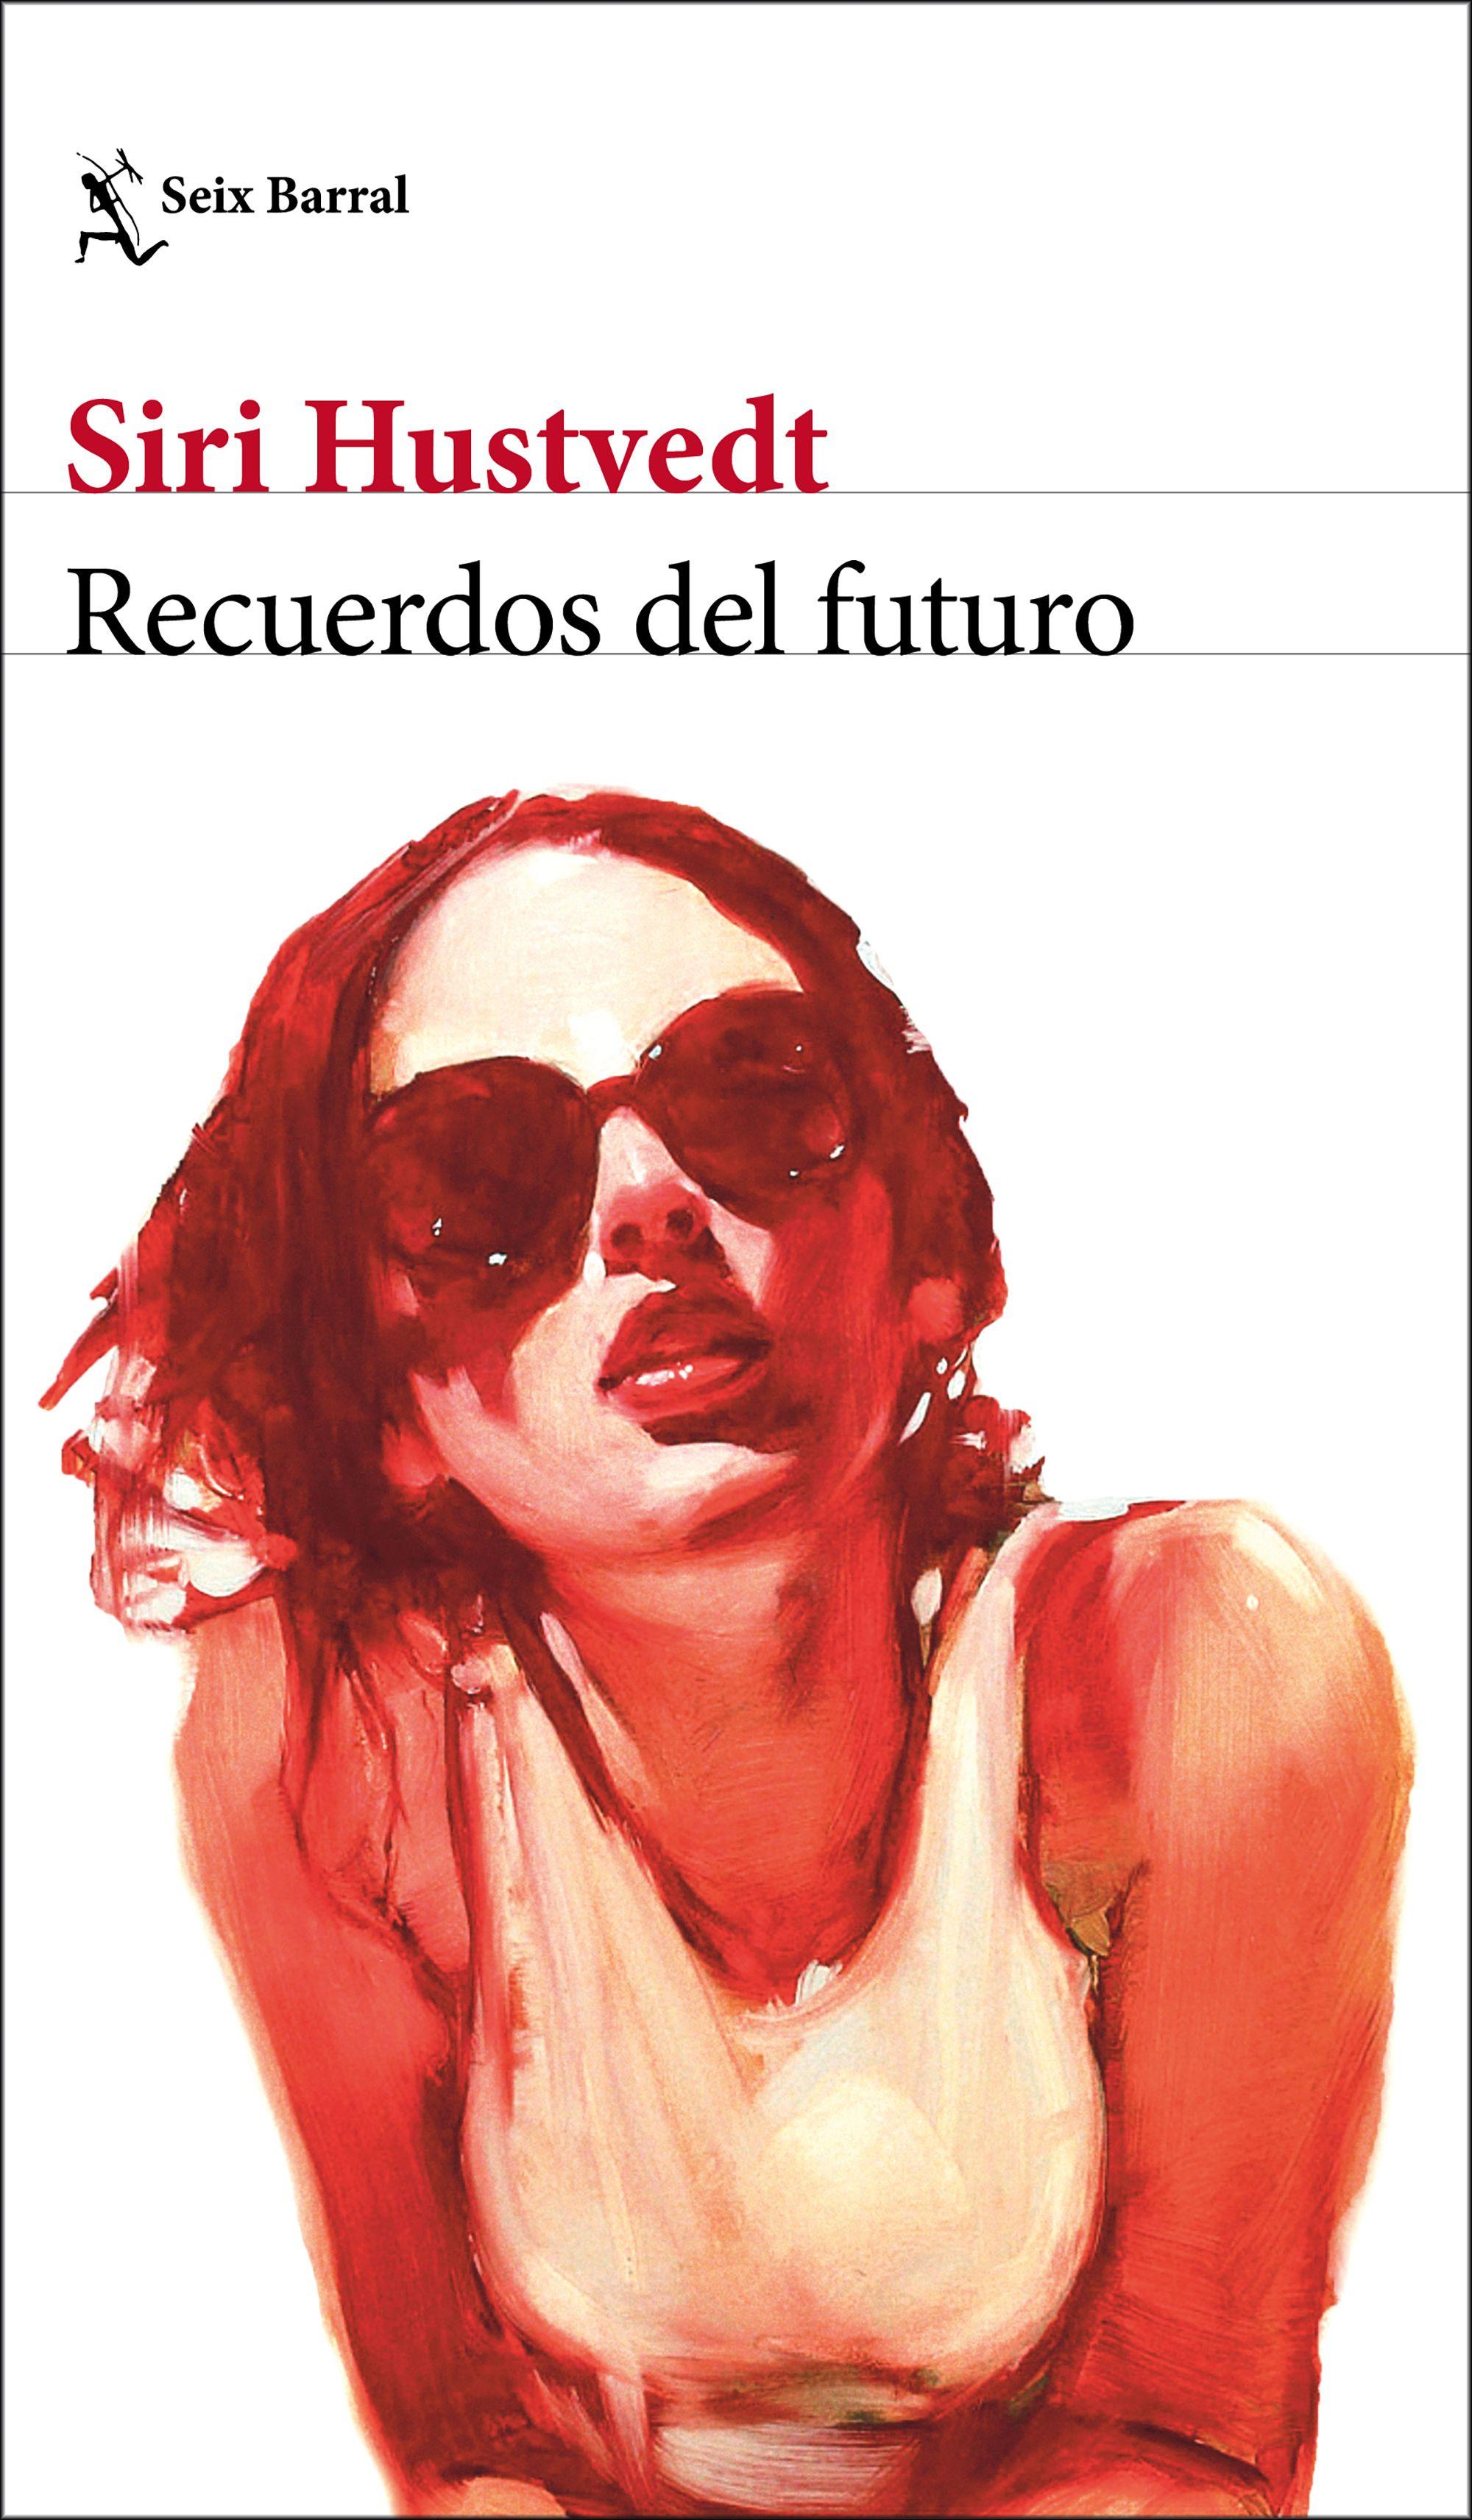 Recuerdos del futuro, de Siri Hustvedt, una de nuestras recomendaciones para la Feria del Libro de Madrid.